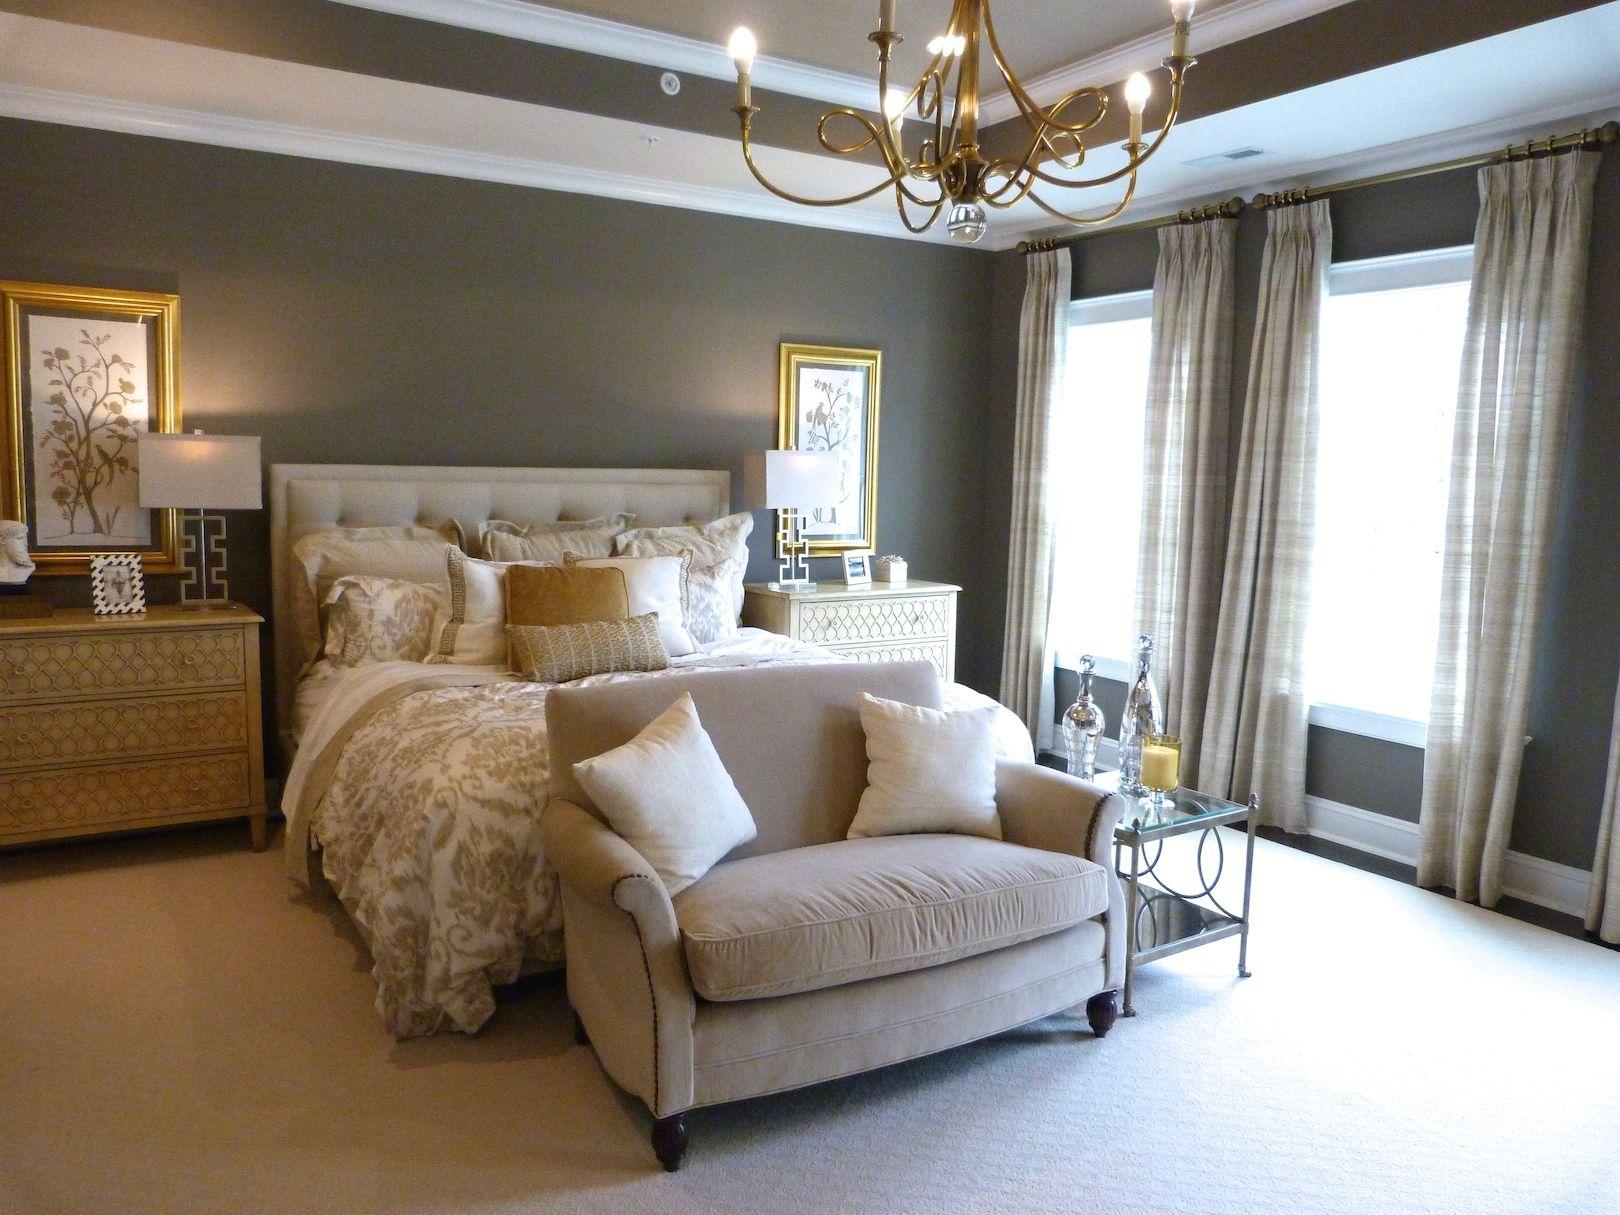 Builder Beige Is An Oxymoron Tan bedroom, Master bedroom